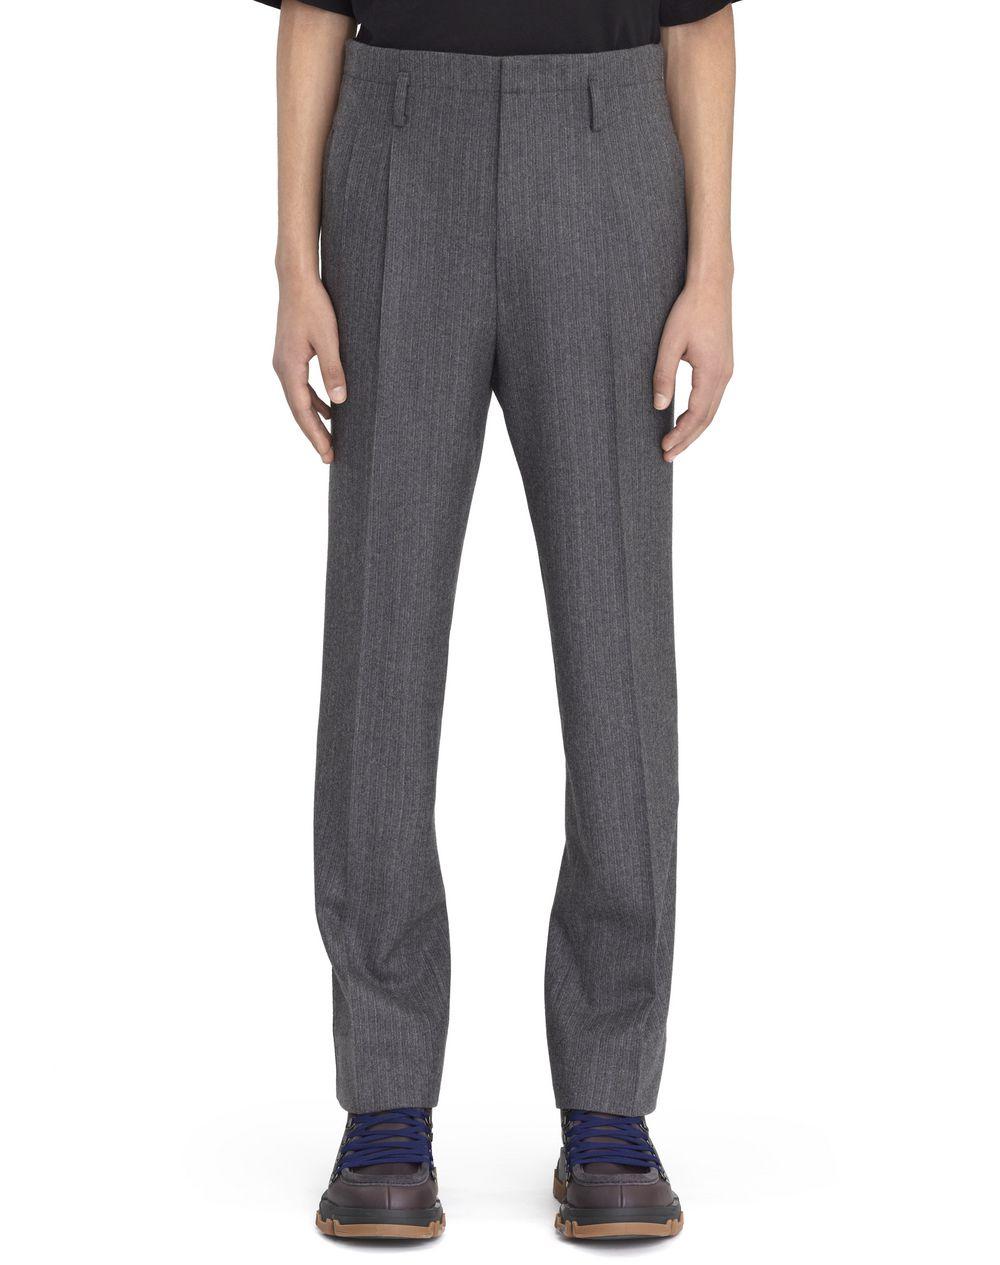 Pantalon pin stripes en flanelle grise Lanvin Prix €795